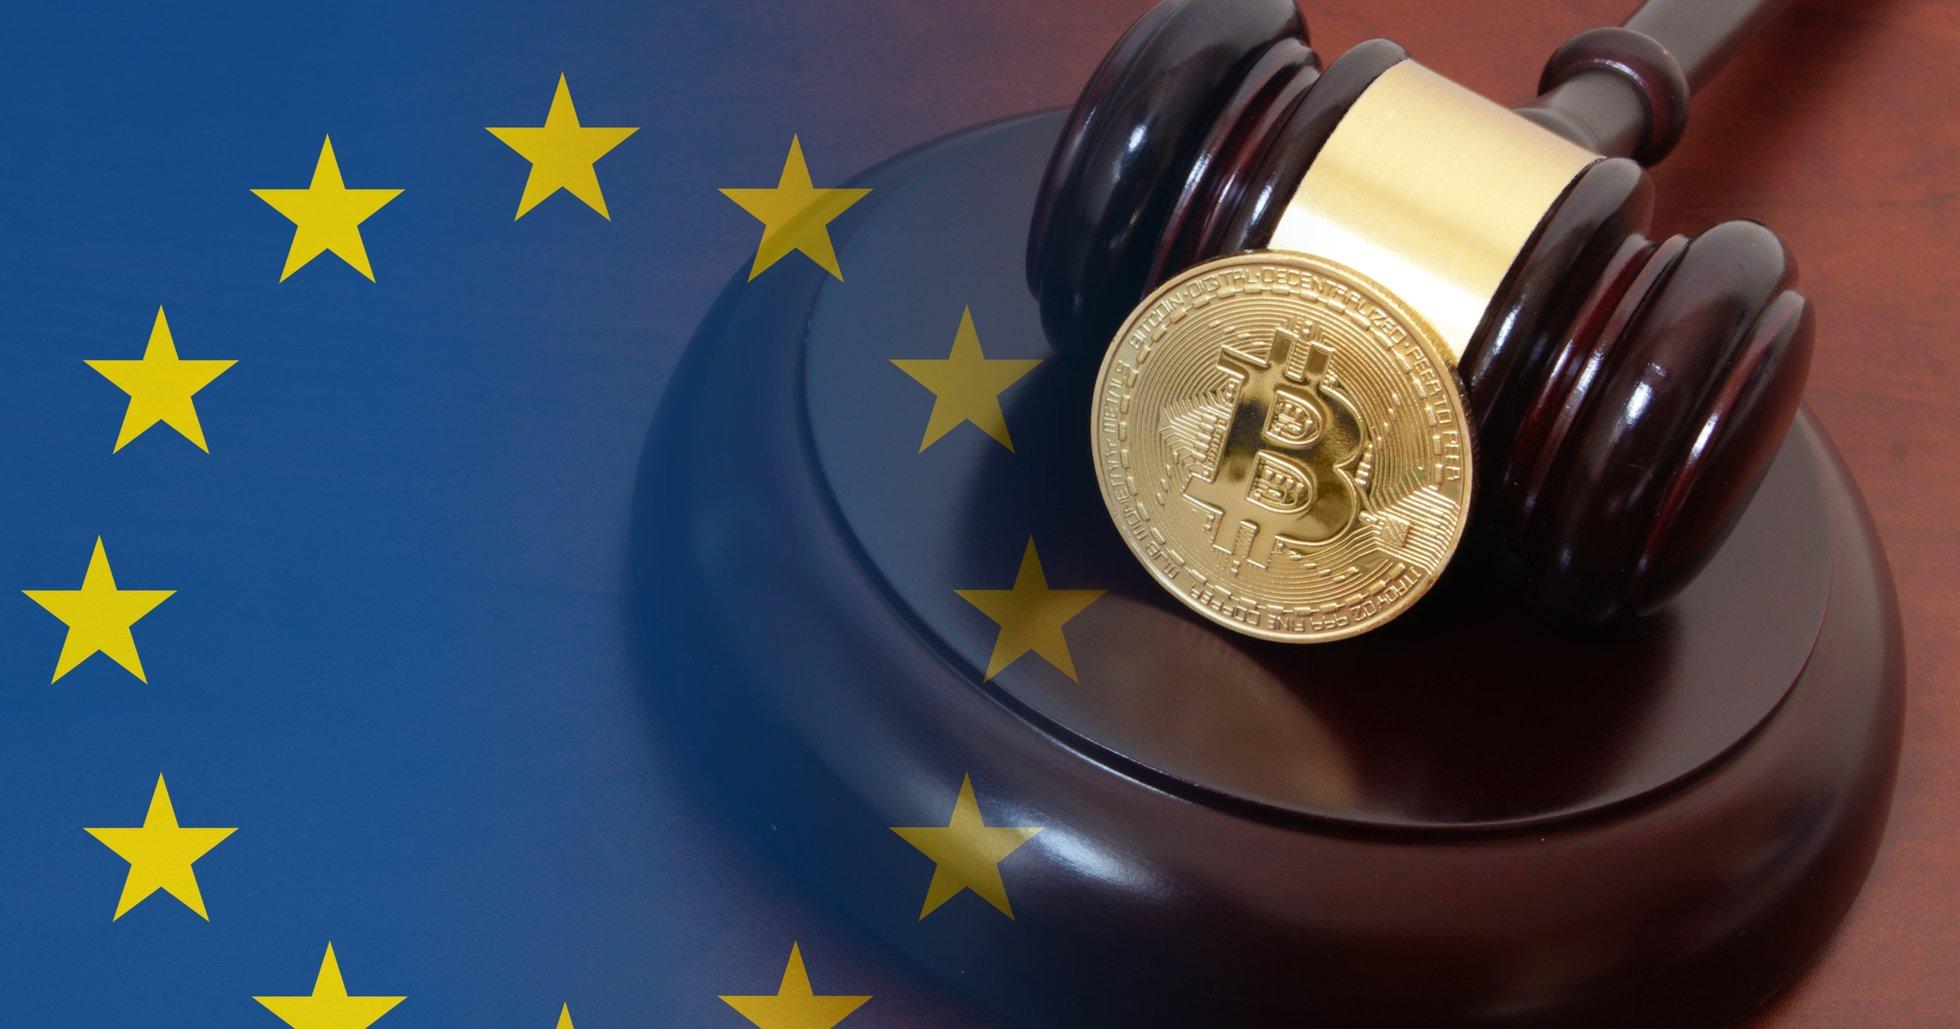 Källa: EU vill reglera stablecoins – inte utfärda en egen